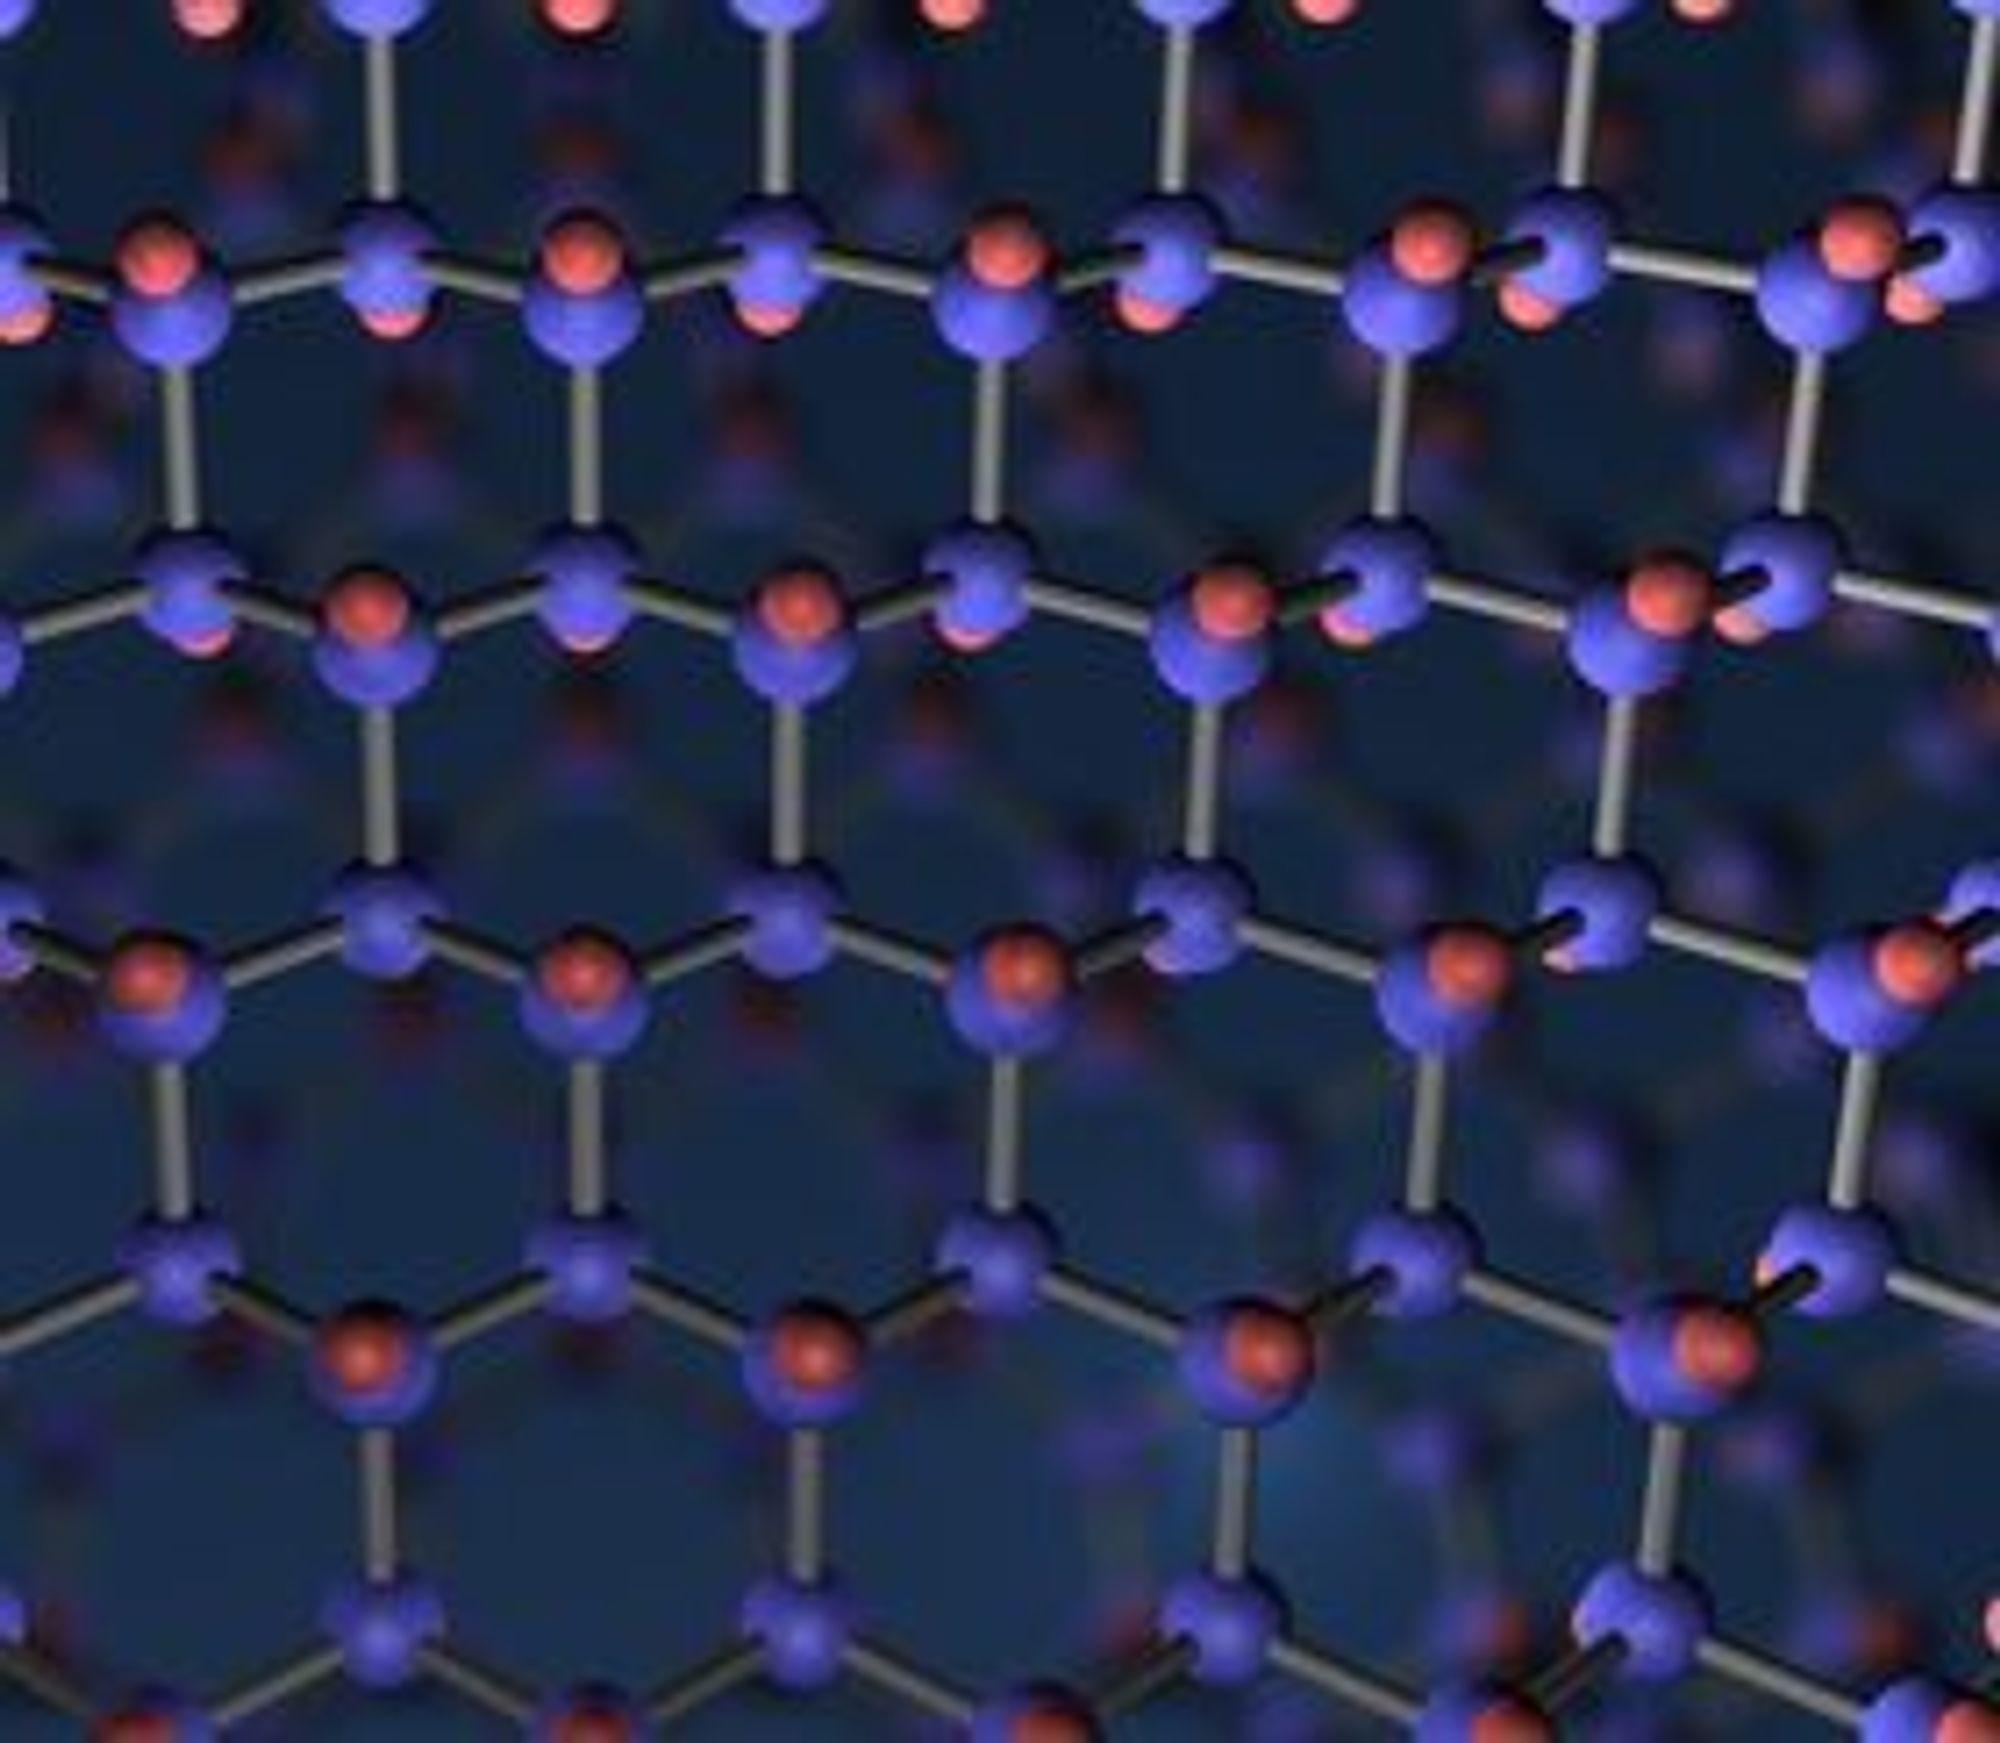 Grafén består karbonatomer som danner et bikake-lignende mønster som vanligvis er bare ett atom tykt.